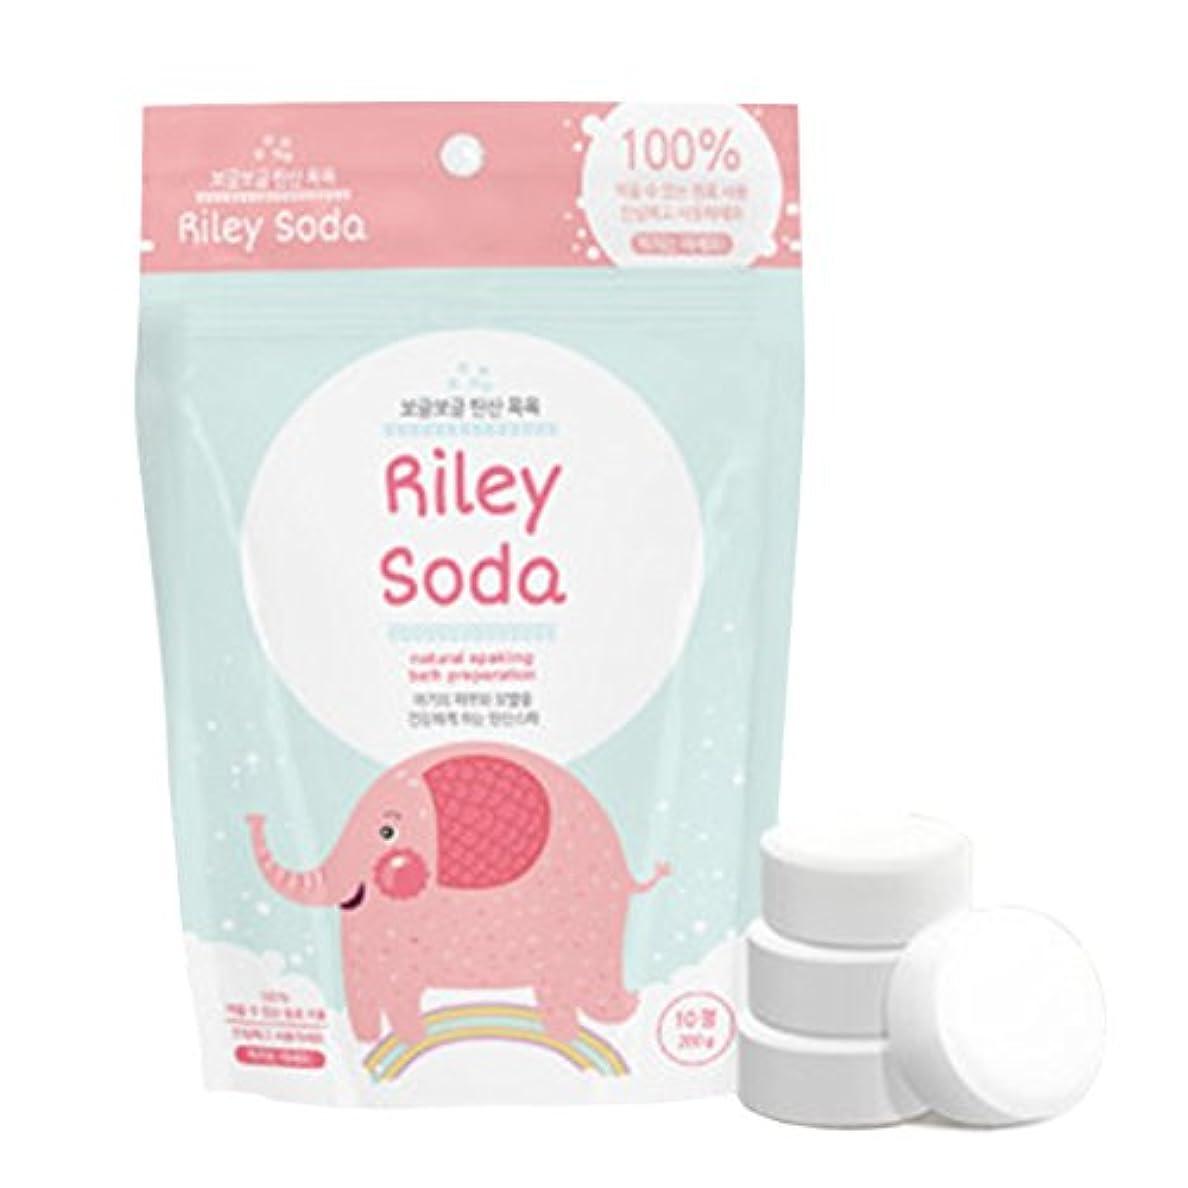 アセ毒性苦痛(リリーソ-ダ) Riley Soda アトピー赤ちゃん用炭酸温泉入浴剤 (10錠) [並行輸入品]